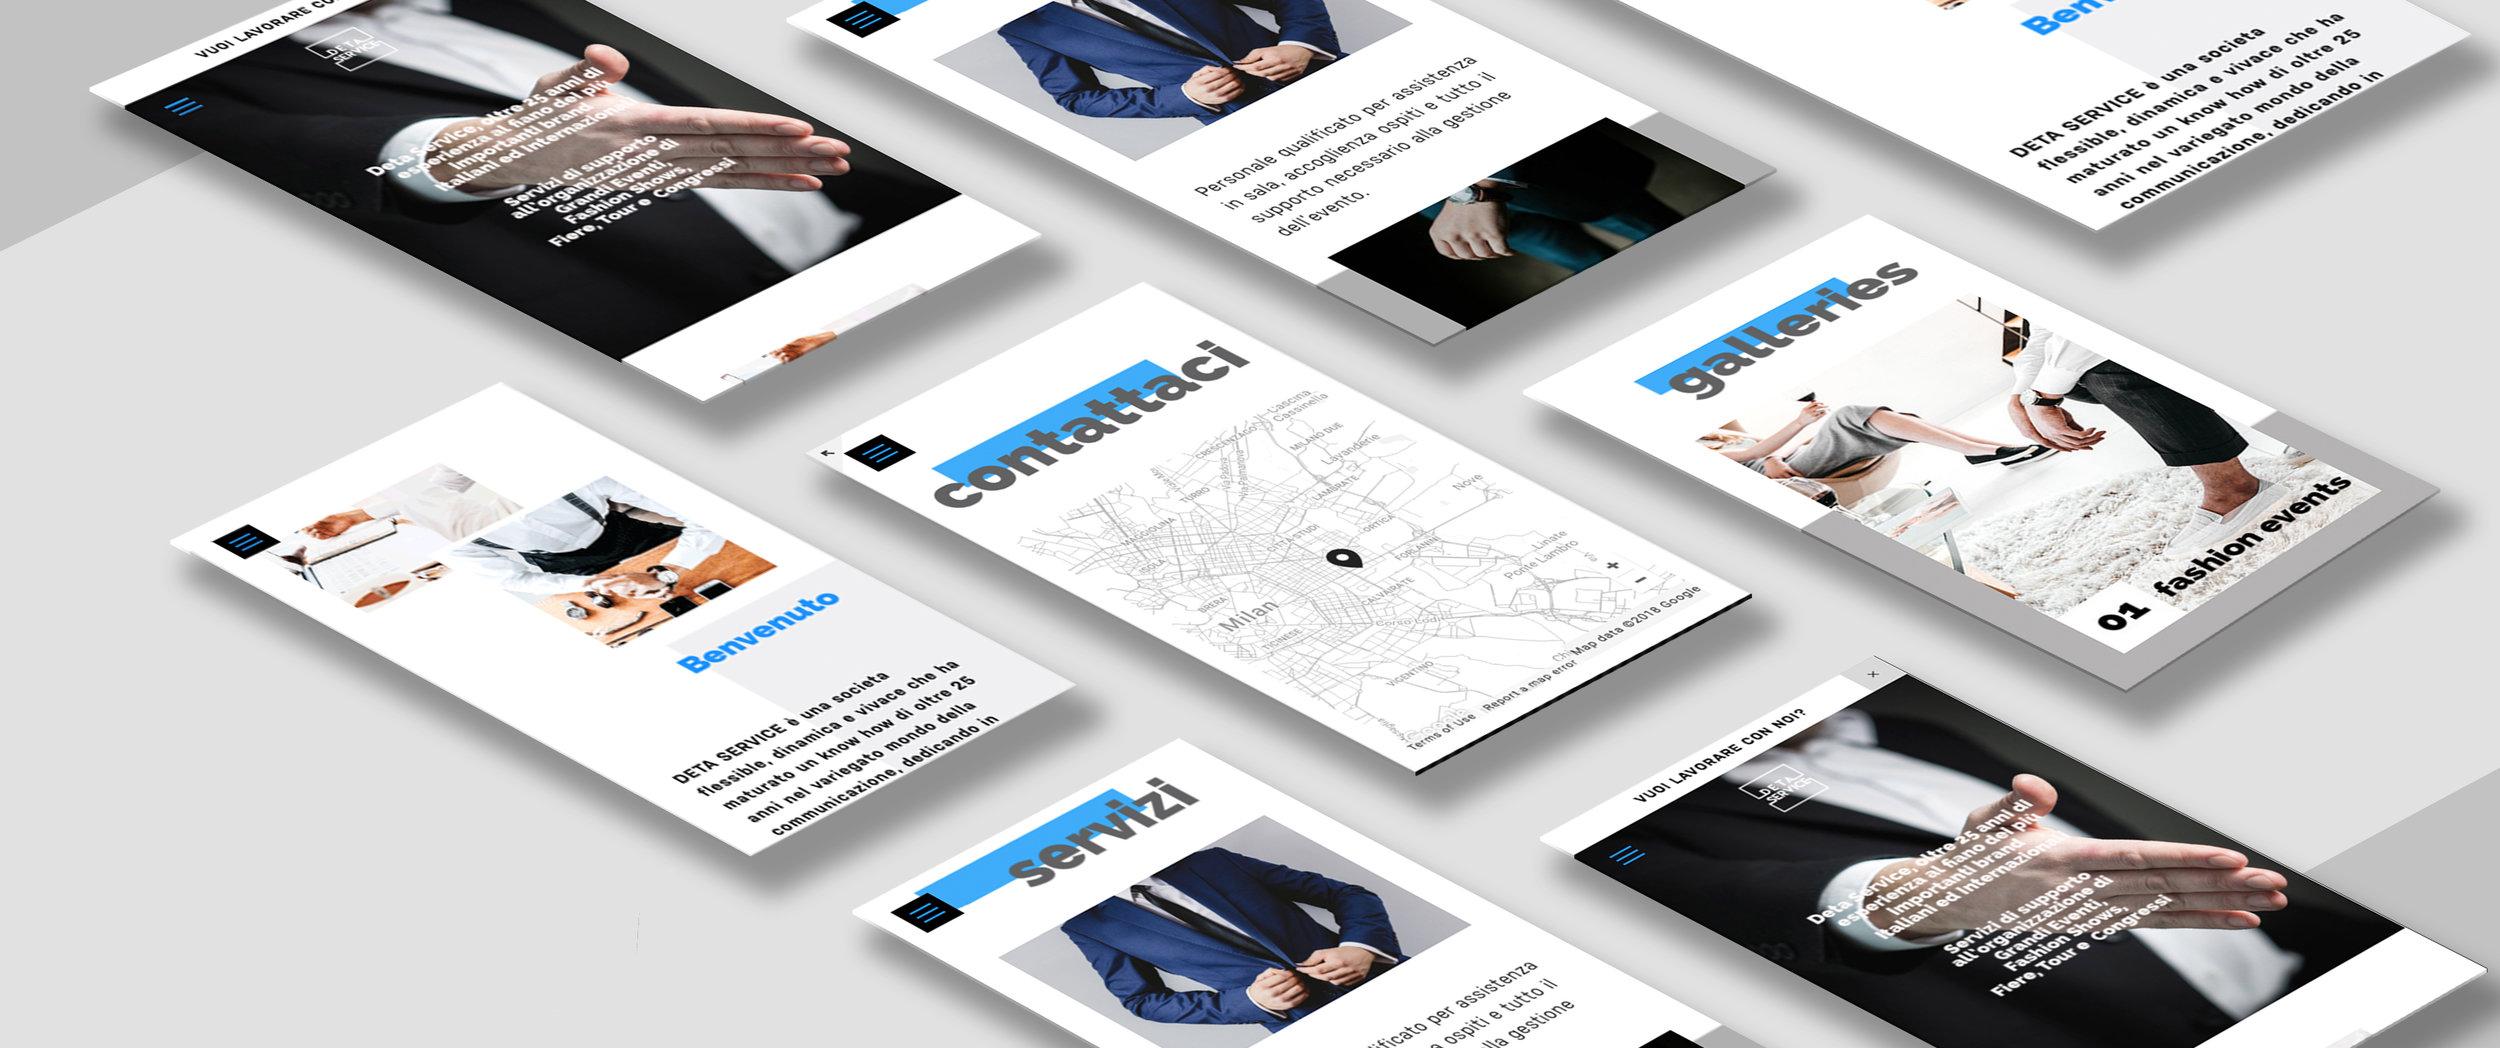 deta_image-screens.jpg